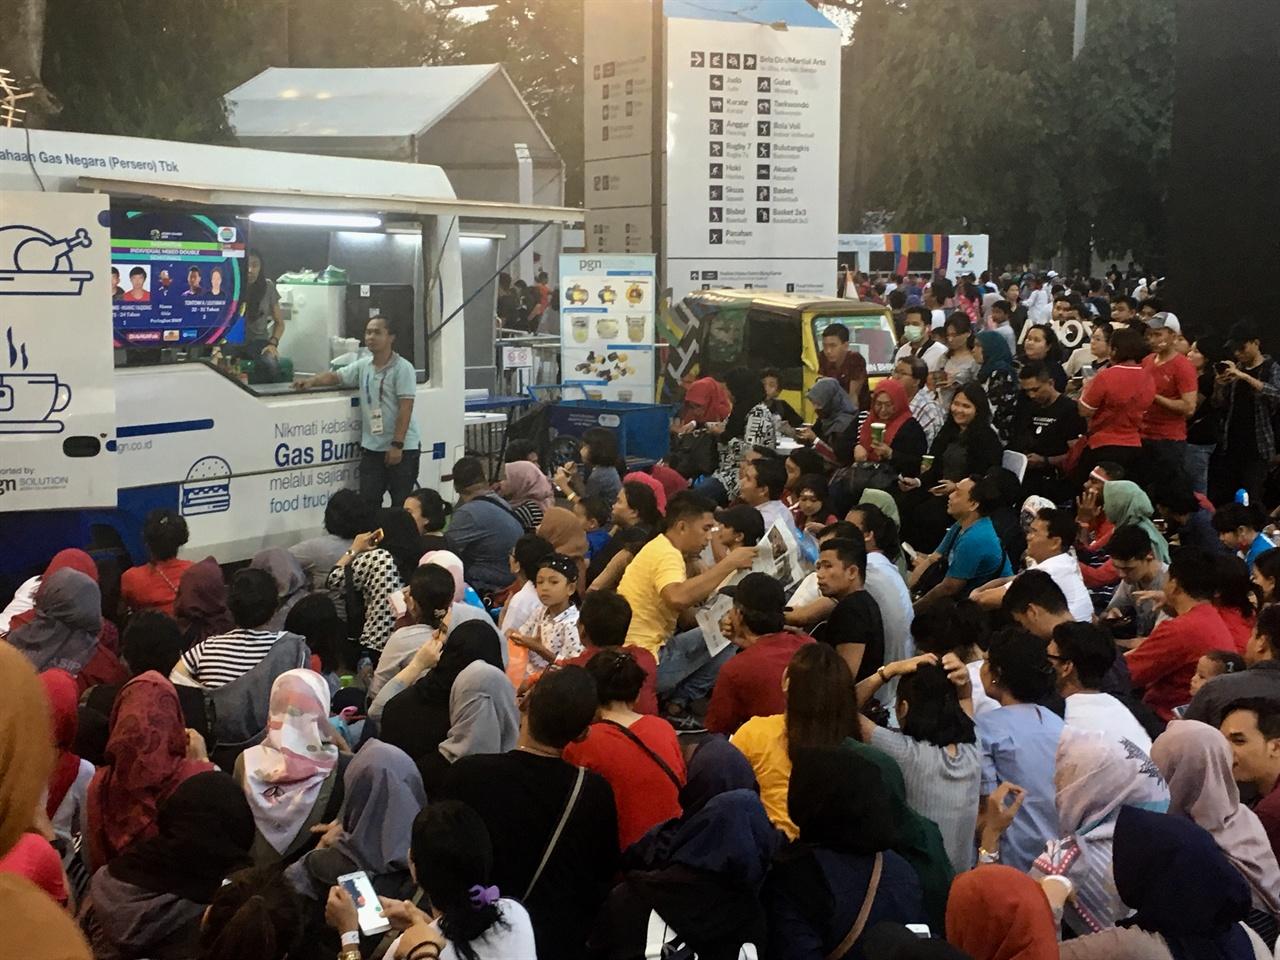 경기장에 입장하지 못한 사람들이 겔로라 붕 카르노(GBK) 내에 설치된 TV나 전광판을 통해 경기를 관람하고 있다.